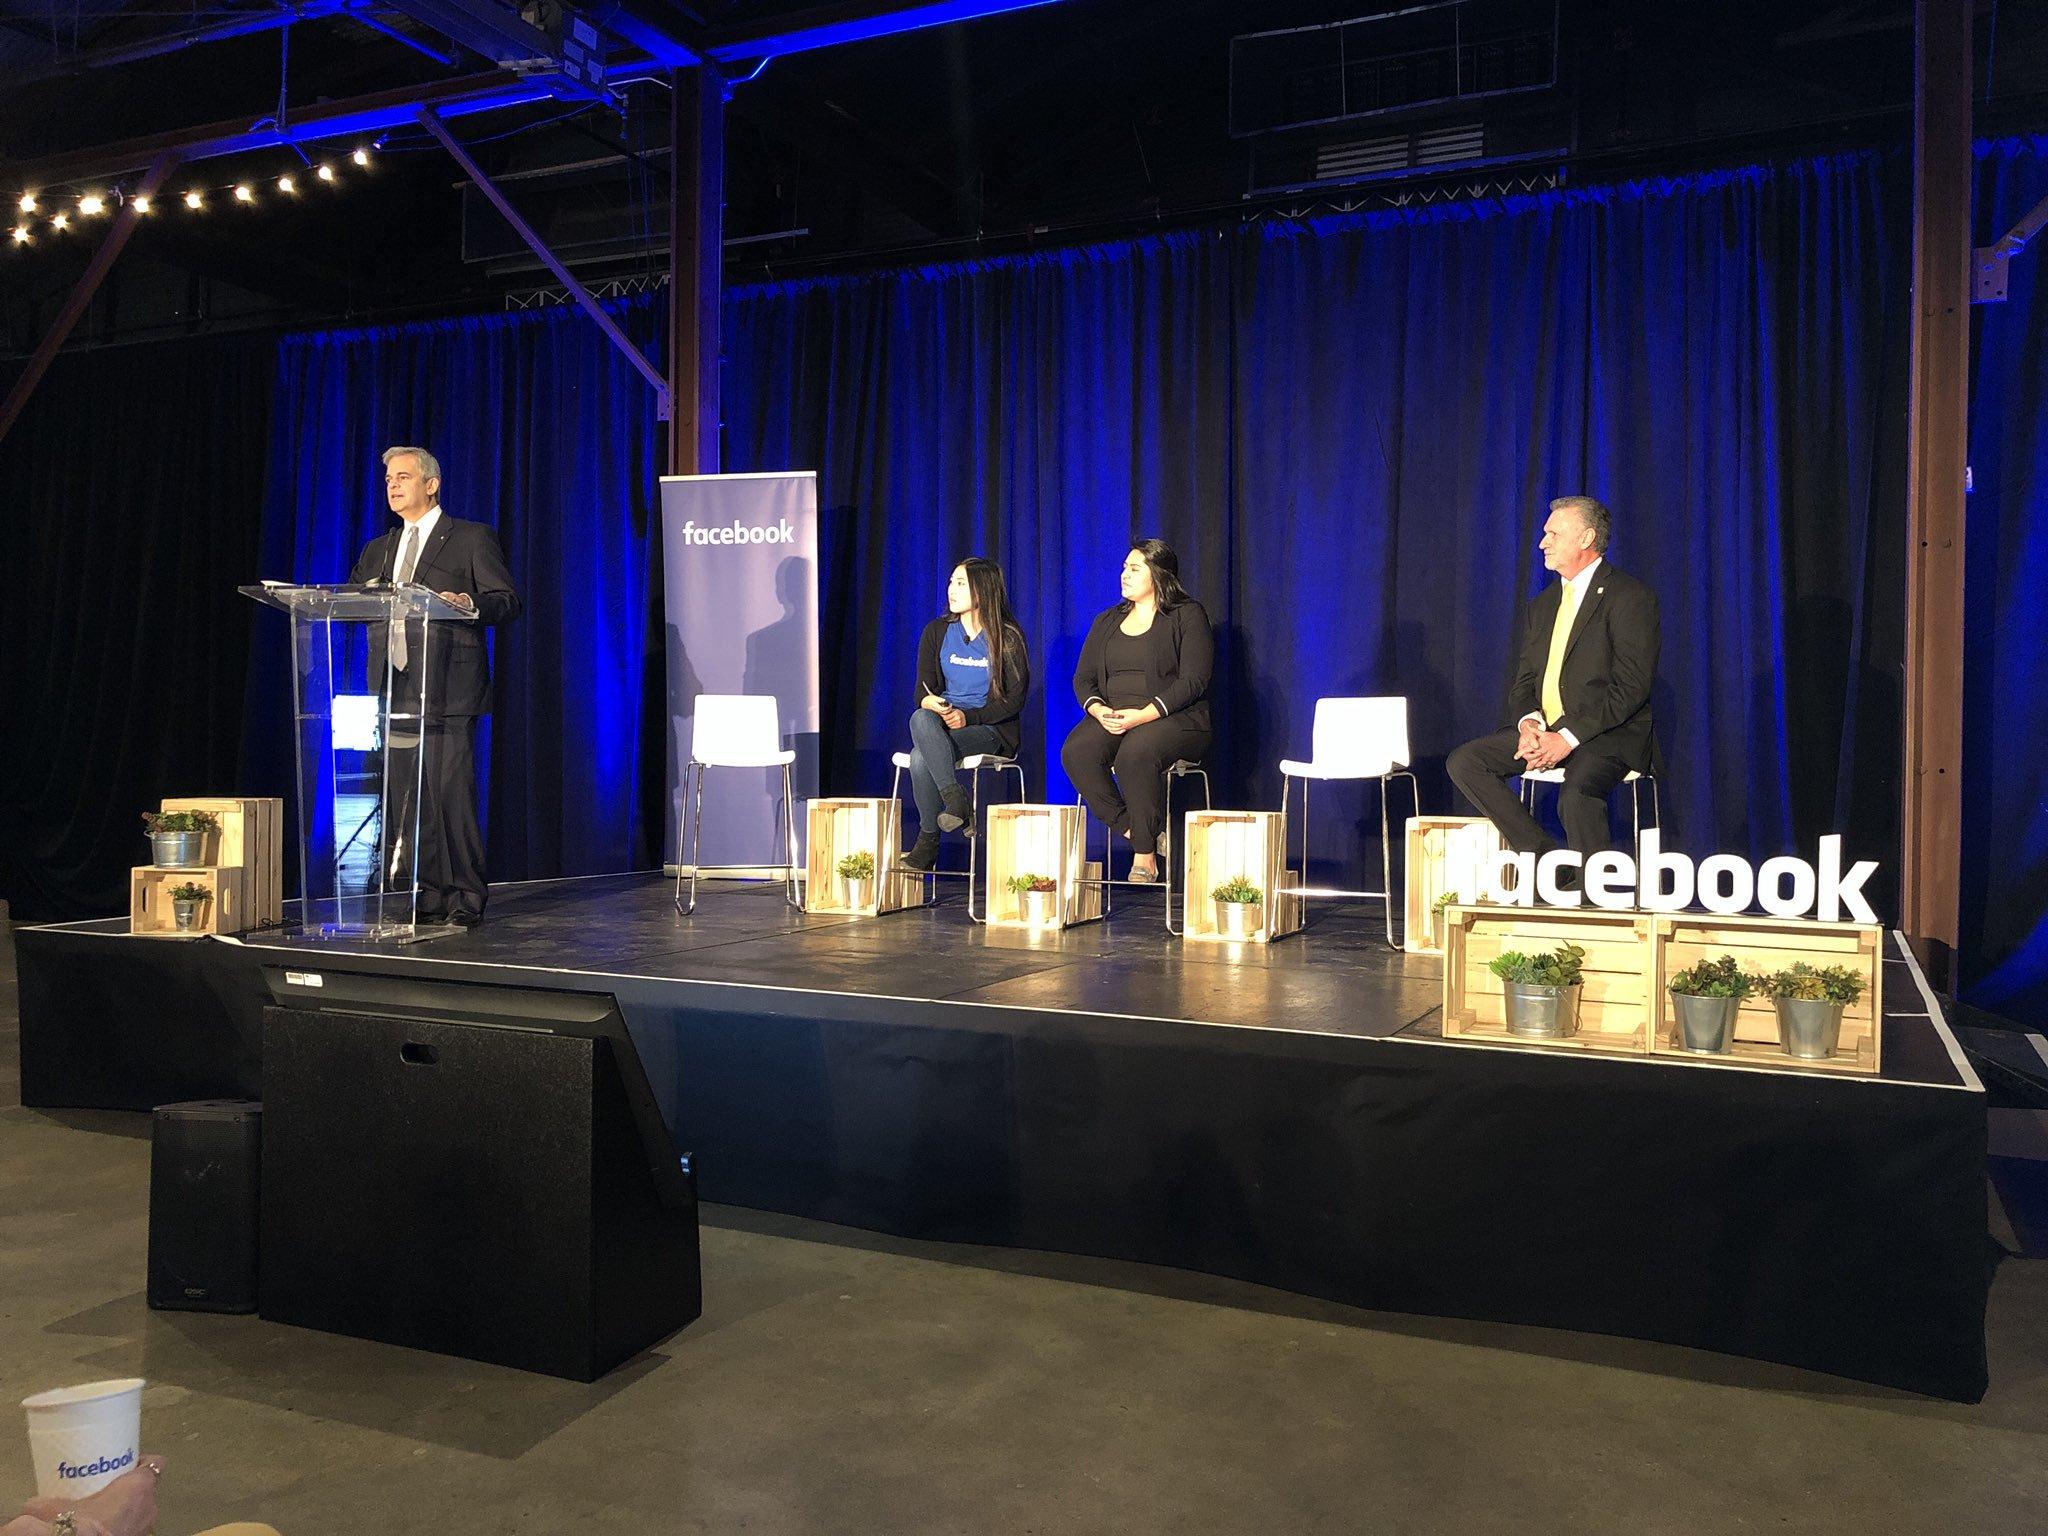 ACC Facebook partnership announcement